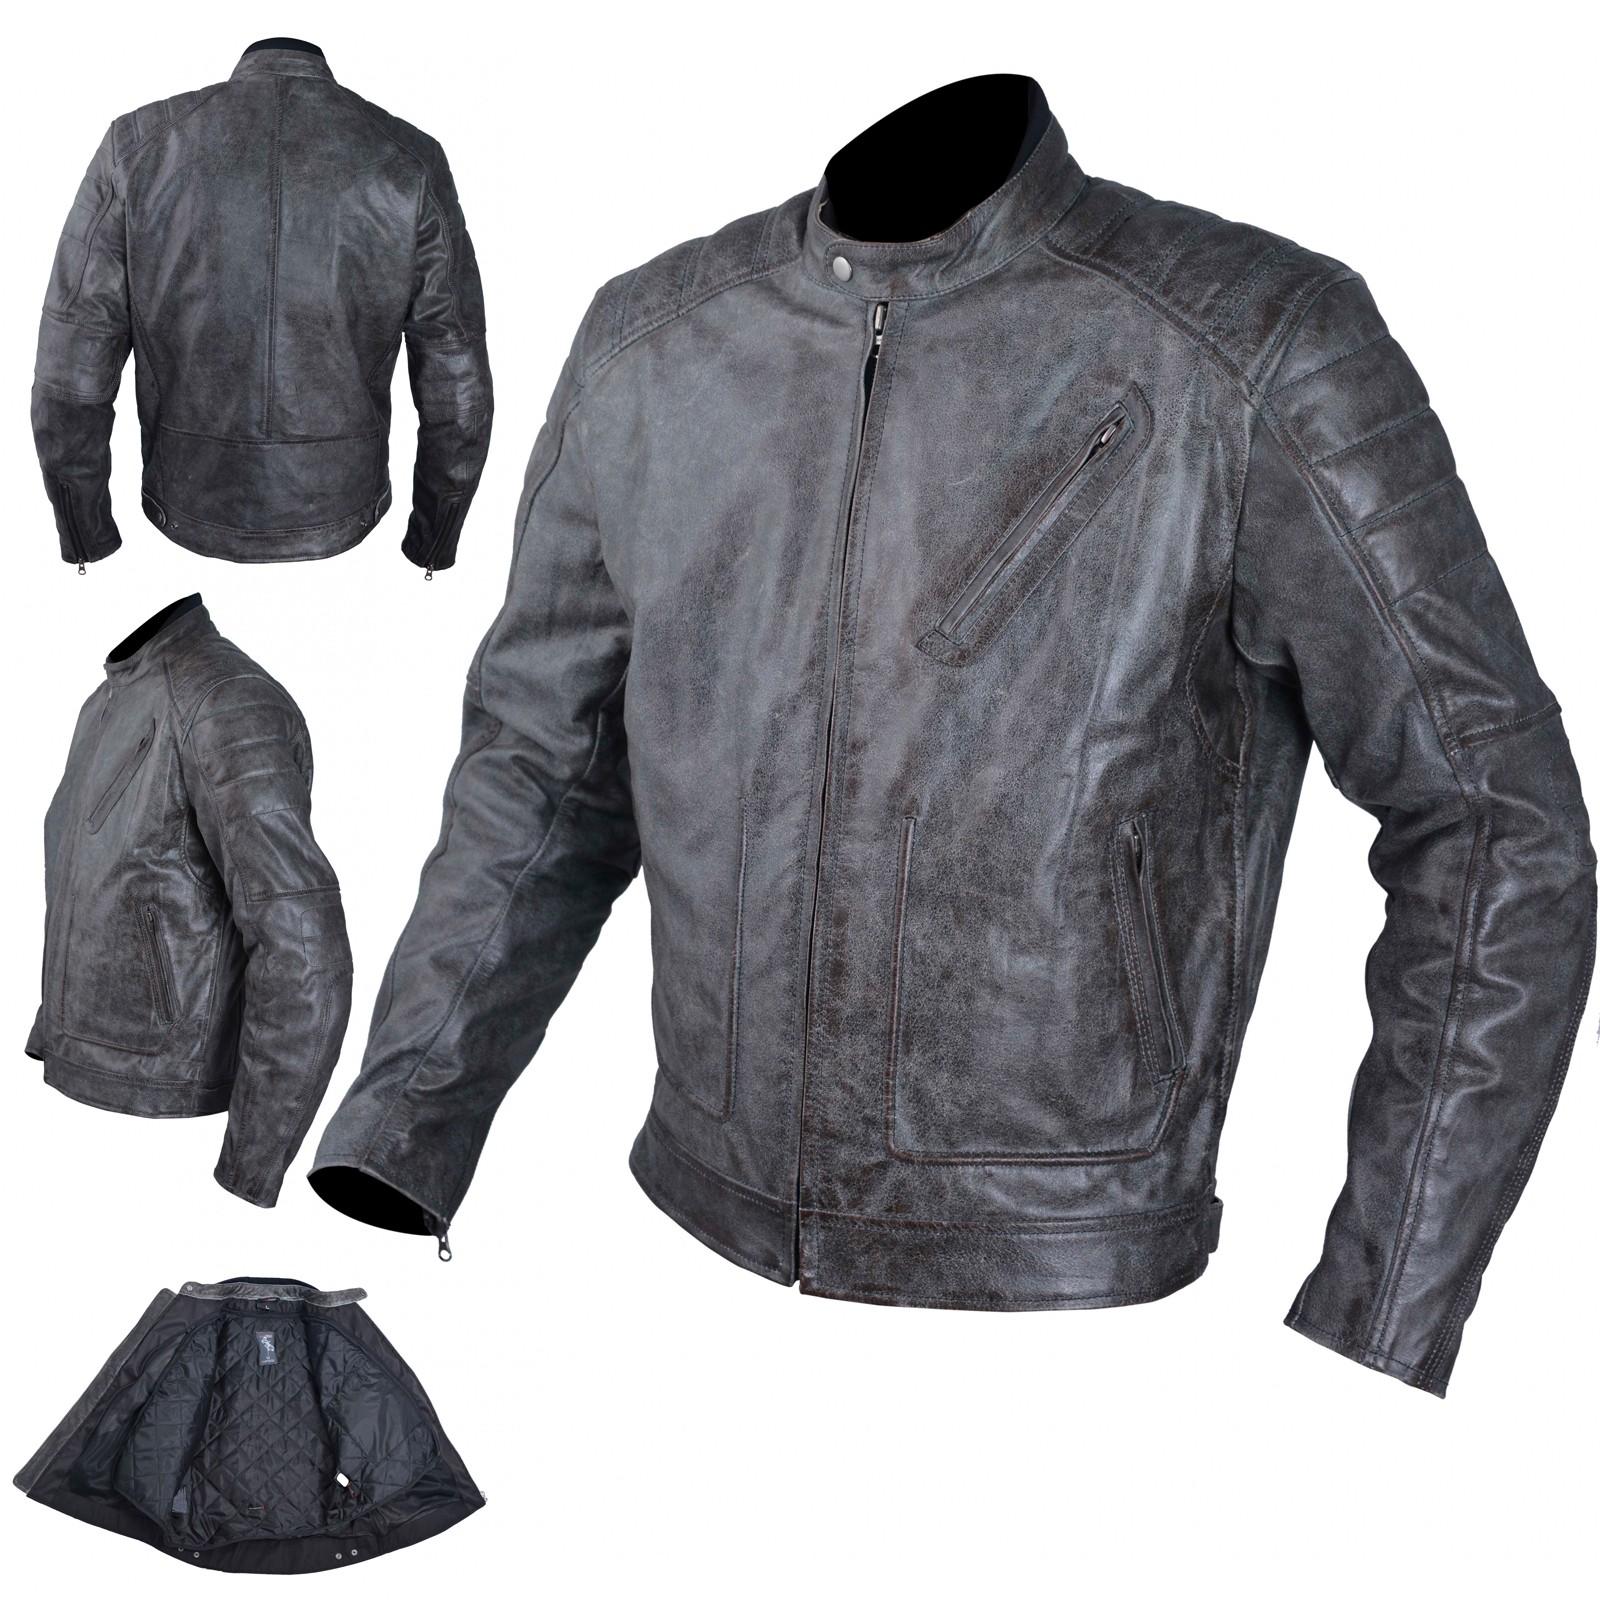 Accessori Abbigliamento Giacca Vintage Pelle Moto E qqrngE4